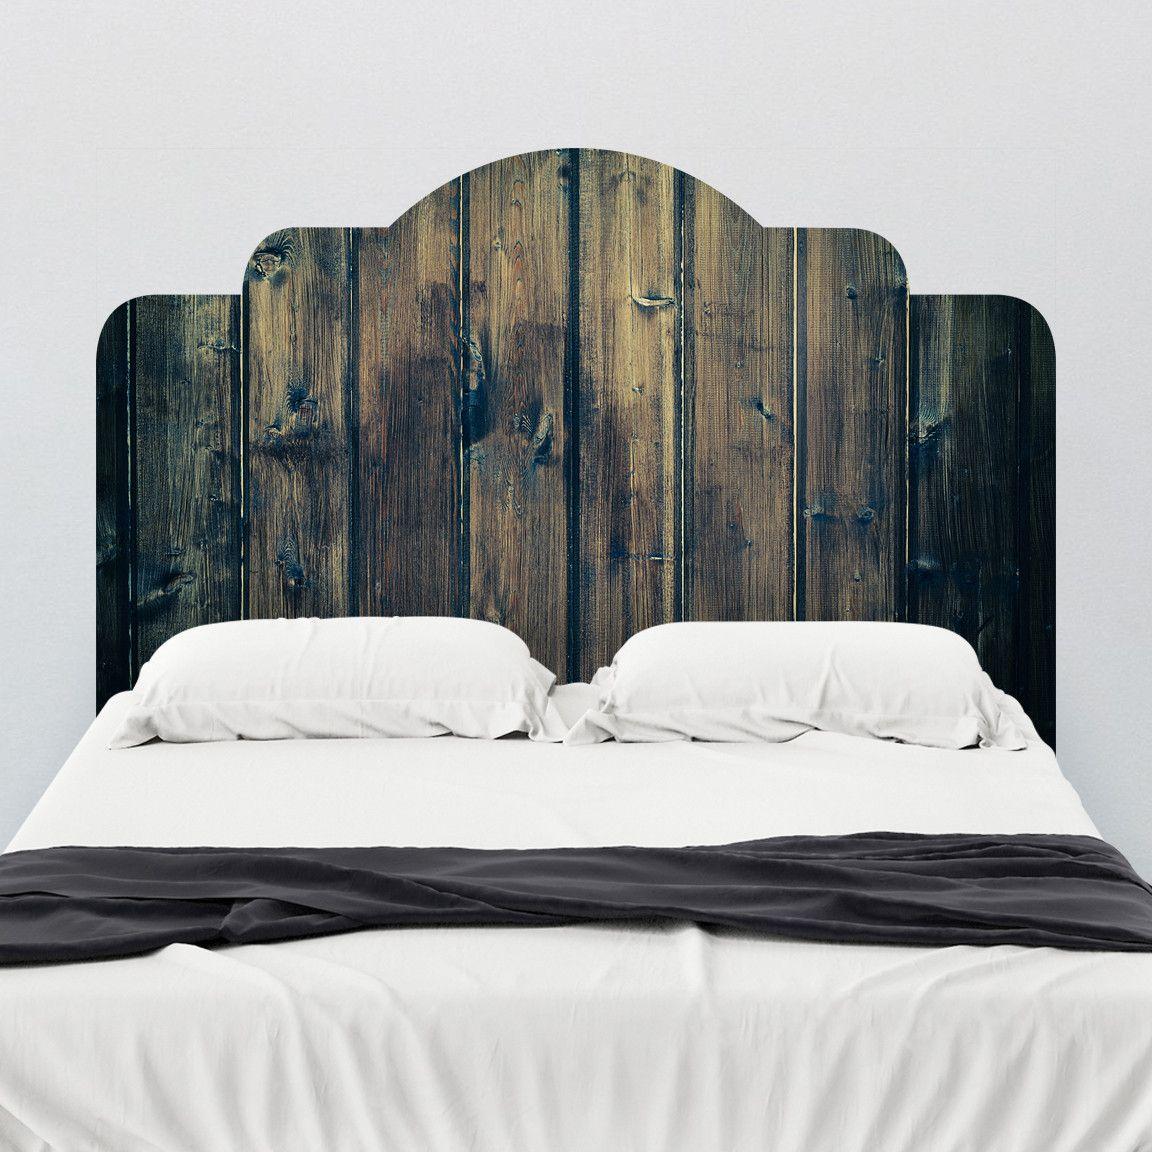 Stained Wood Adhesive Headboard Headboard Wall Decal Headboard